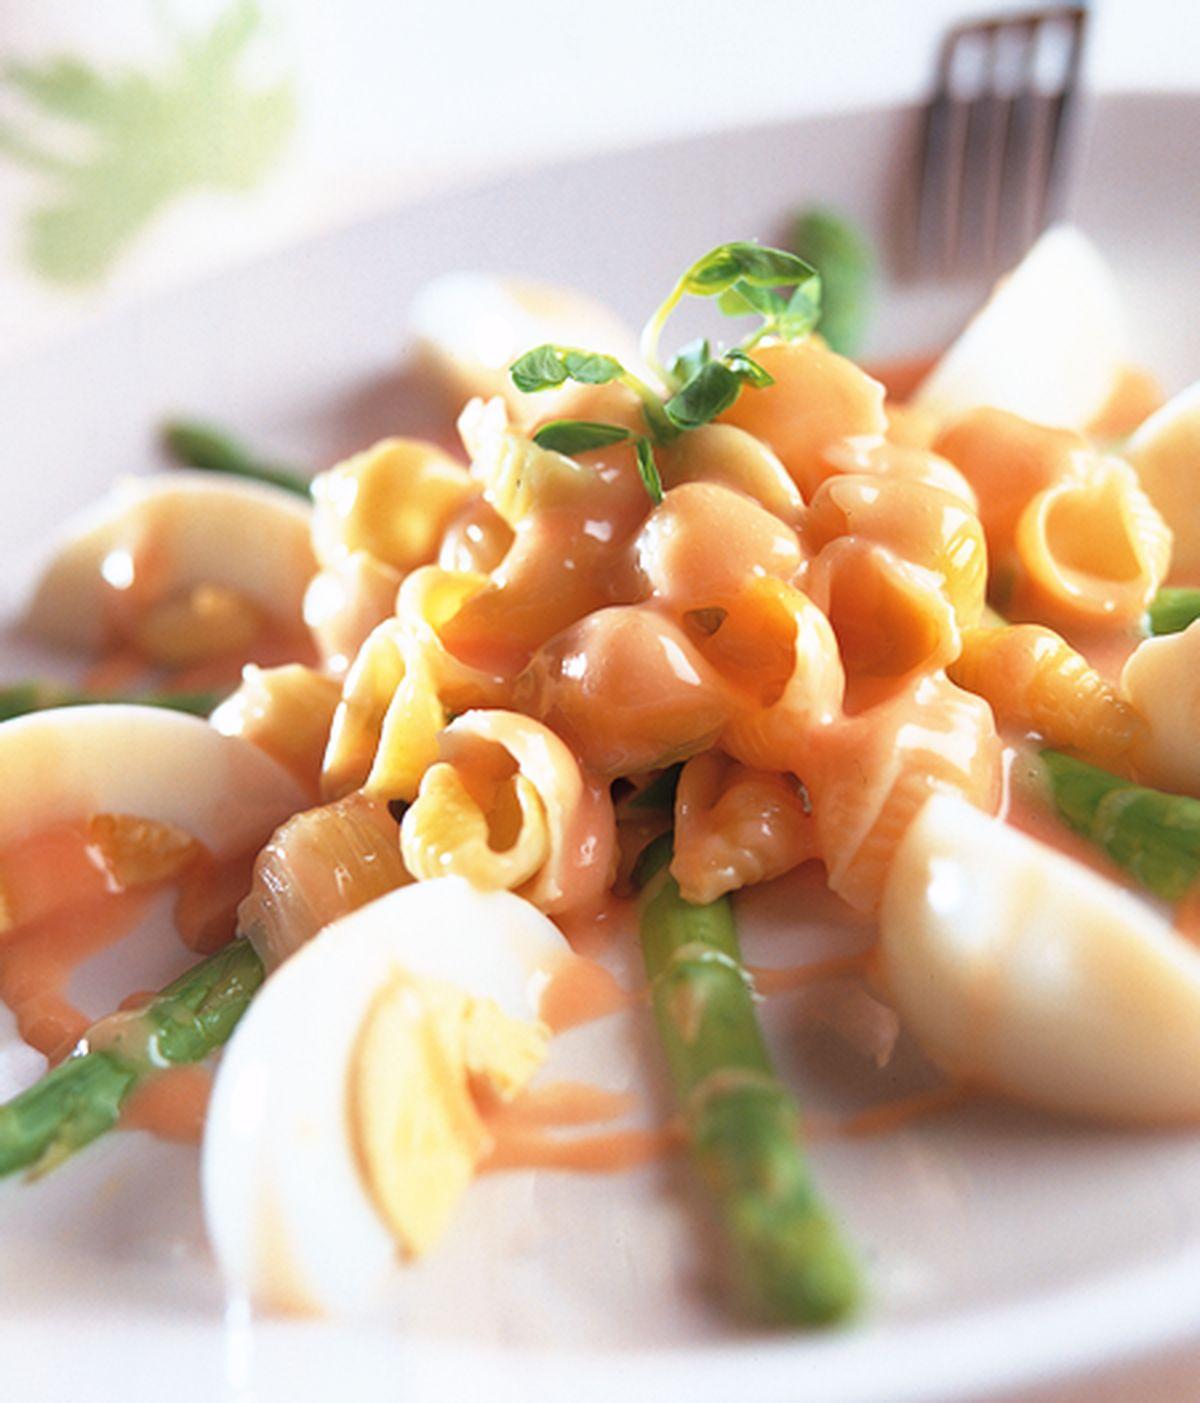 食譜:蘆筍貝殼沙拉